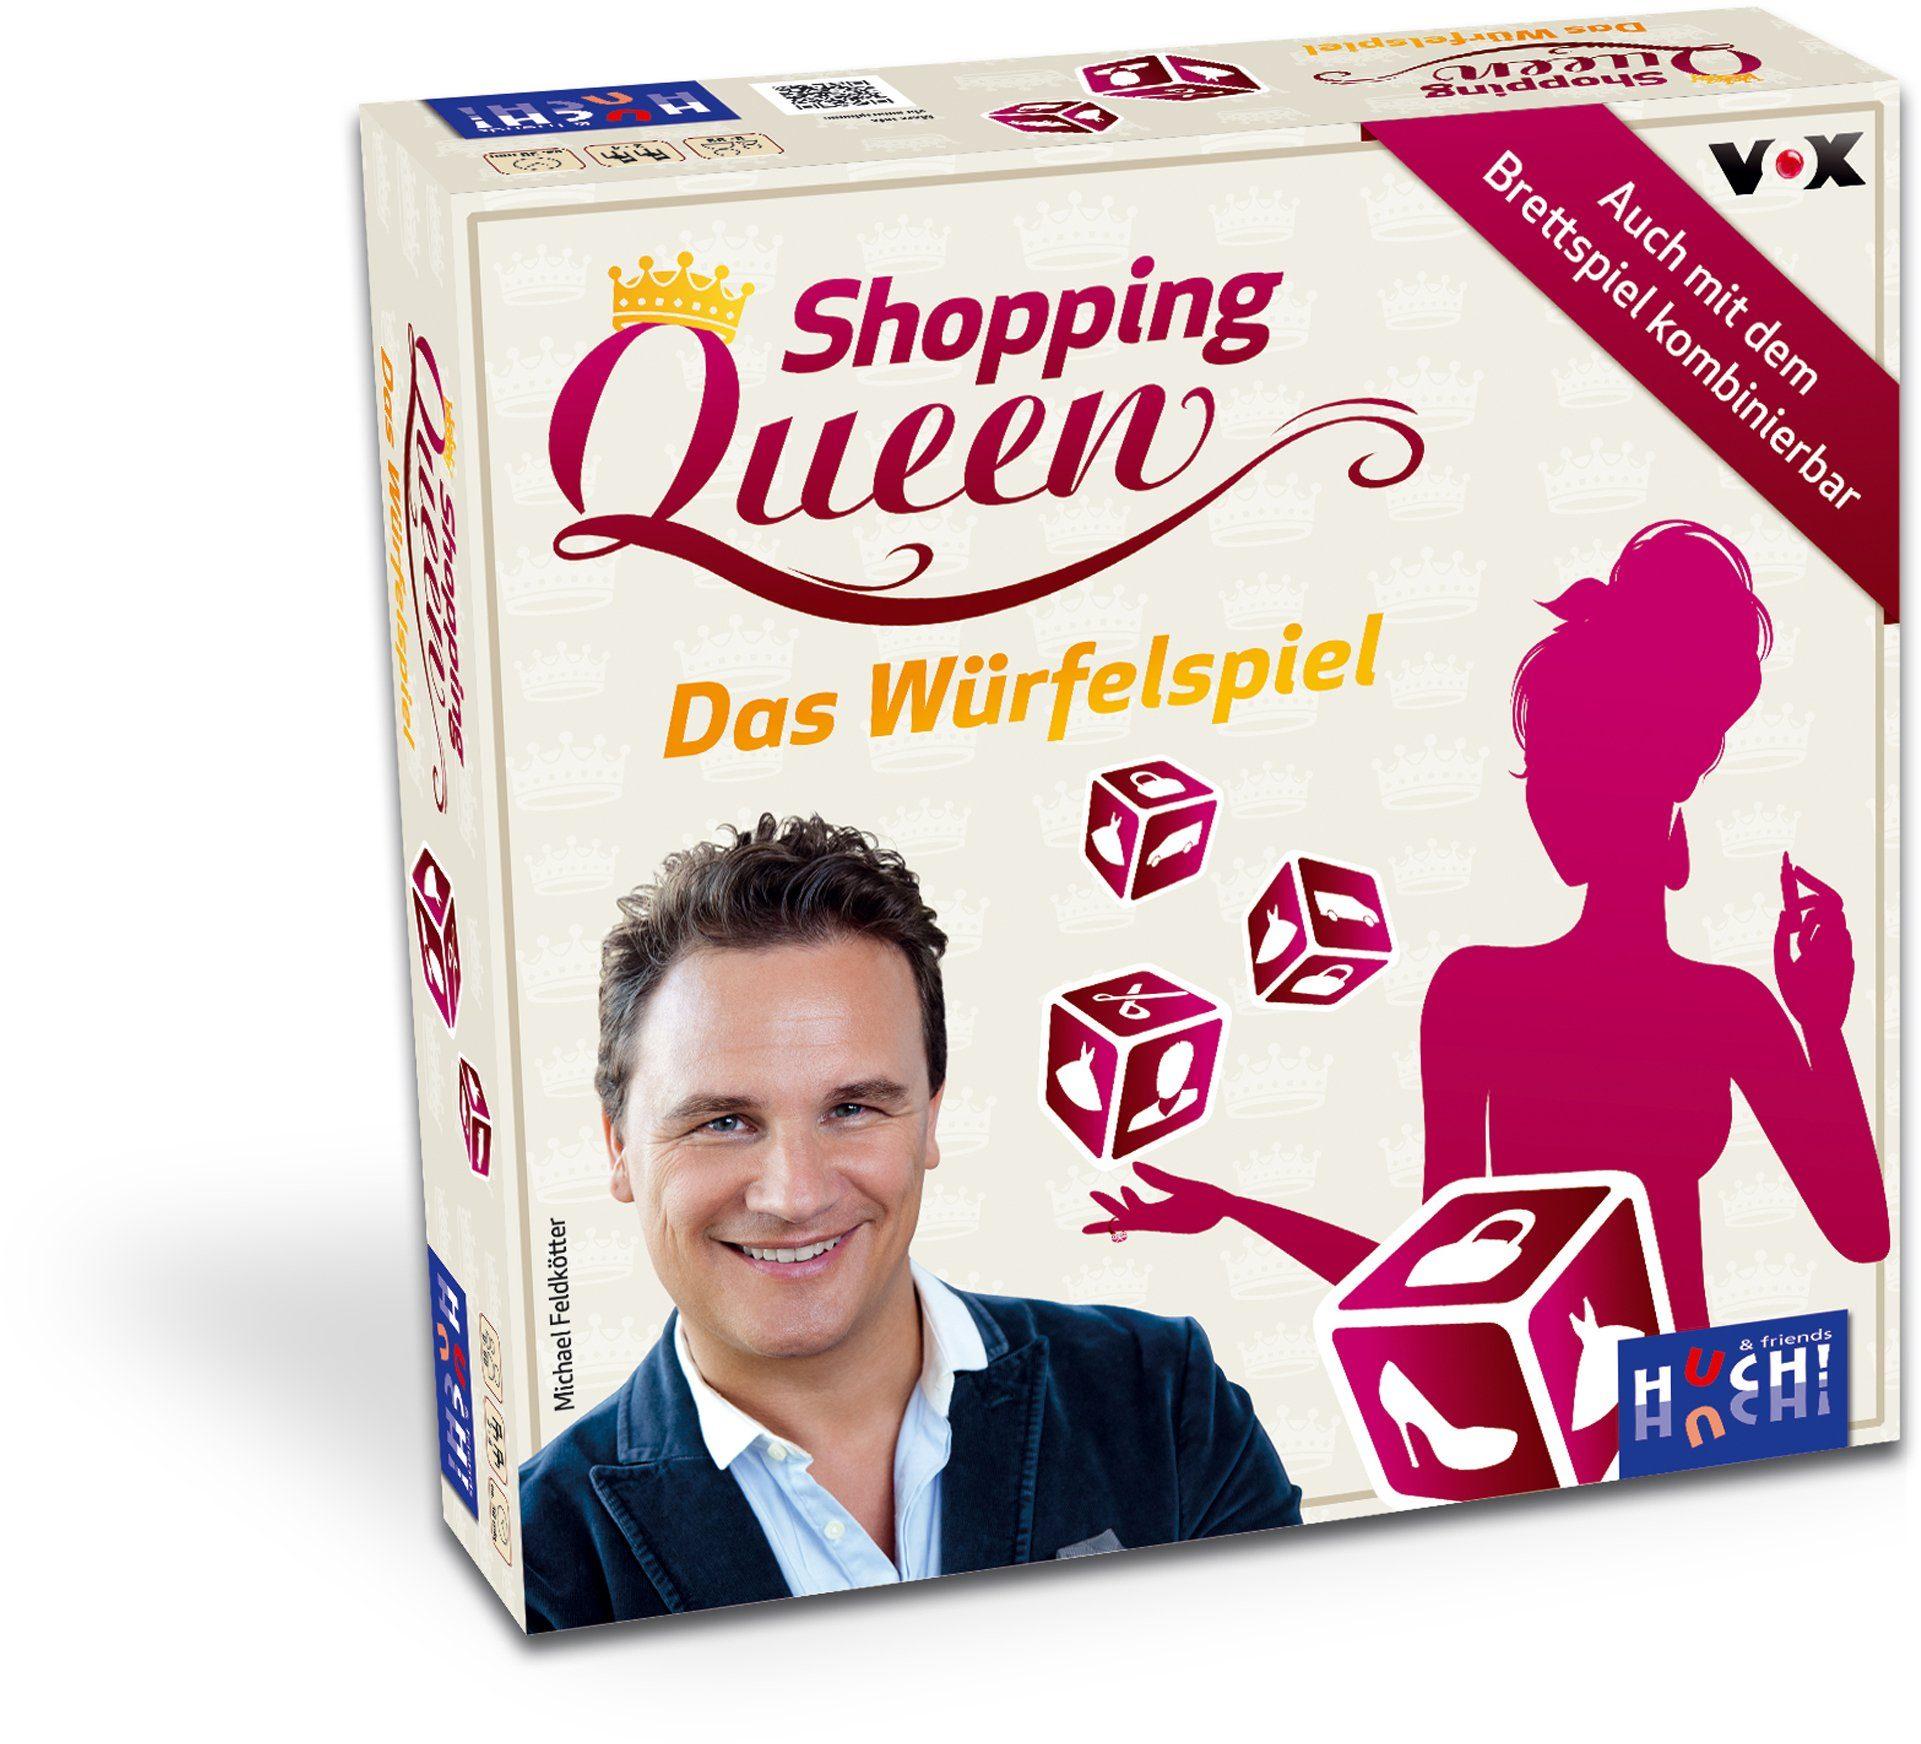 Huch! & friends Würfelspiel, »Shopping Queen Würfelspiel«